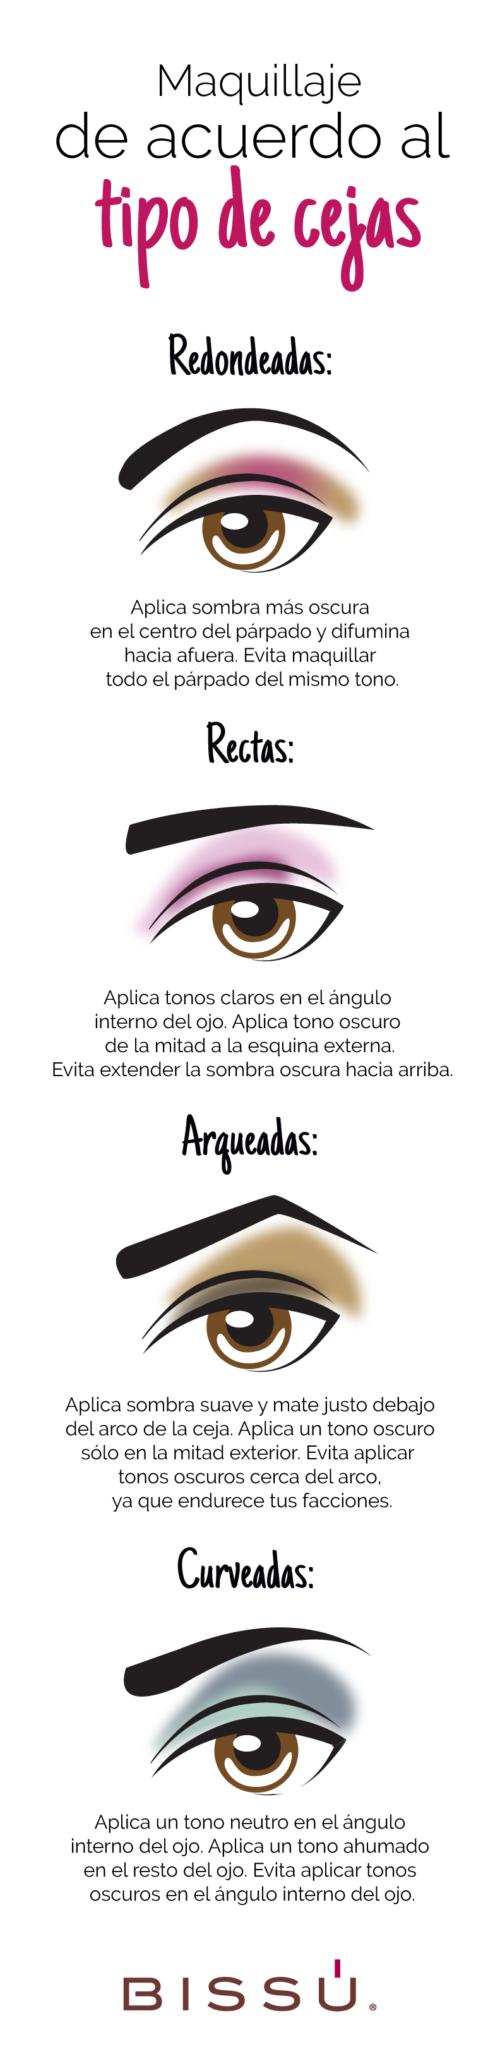 290 Imágenes de Maquillaje de Día, Noche, Fiesta, Natural, Rubias y ...